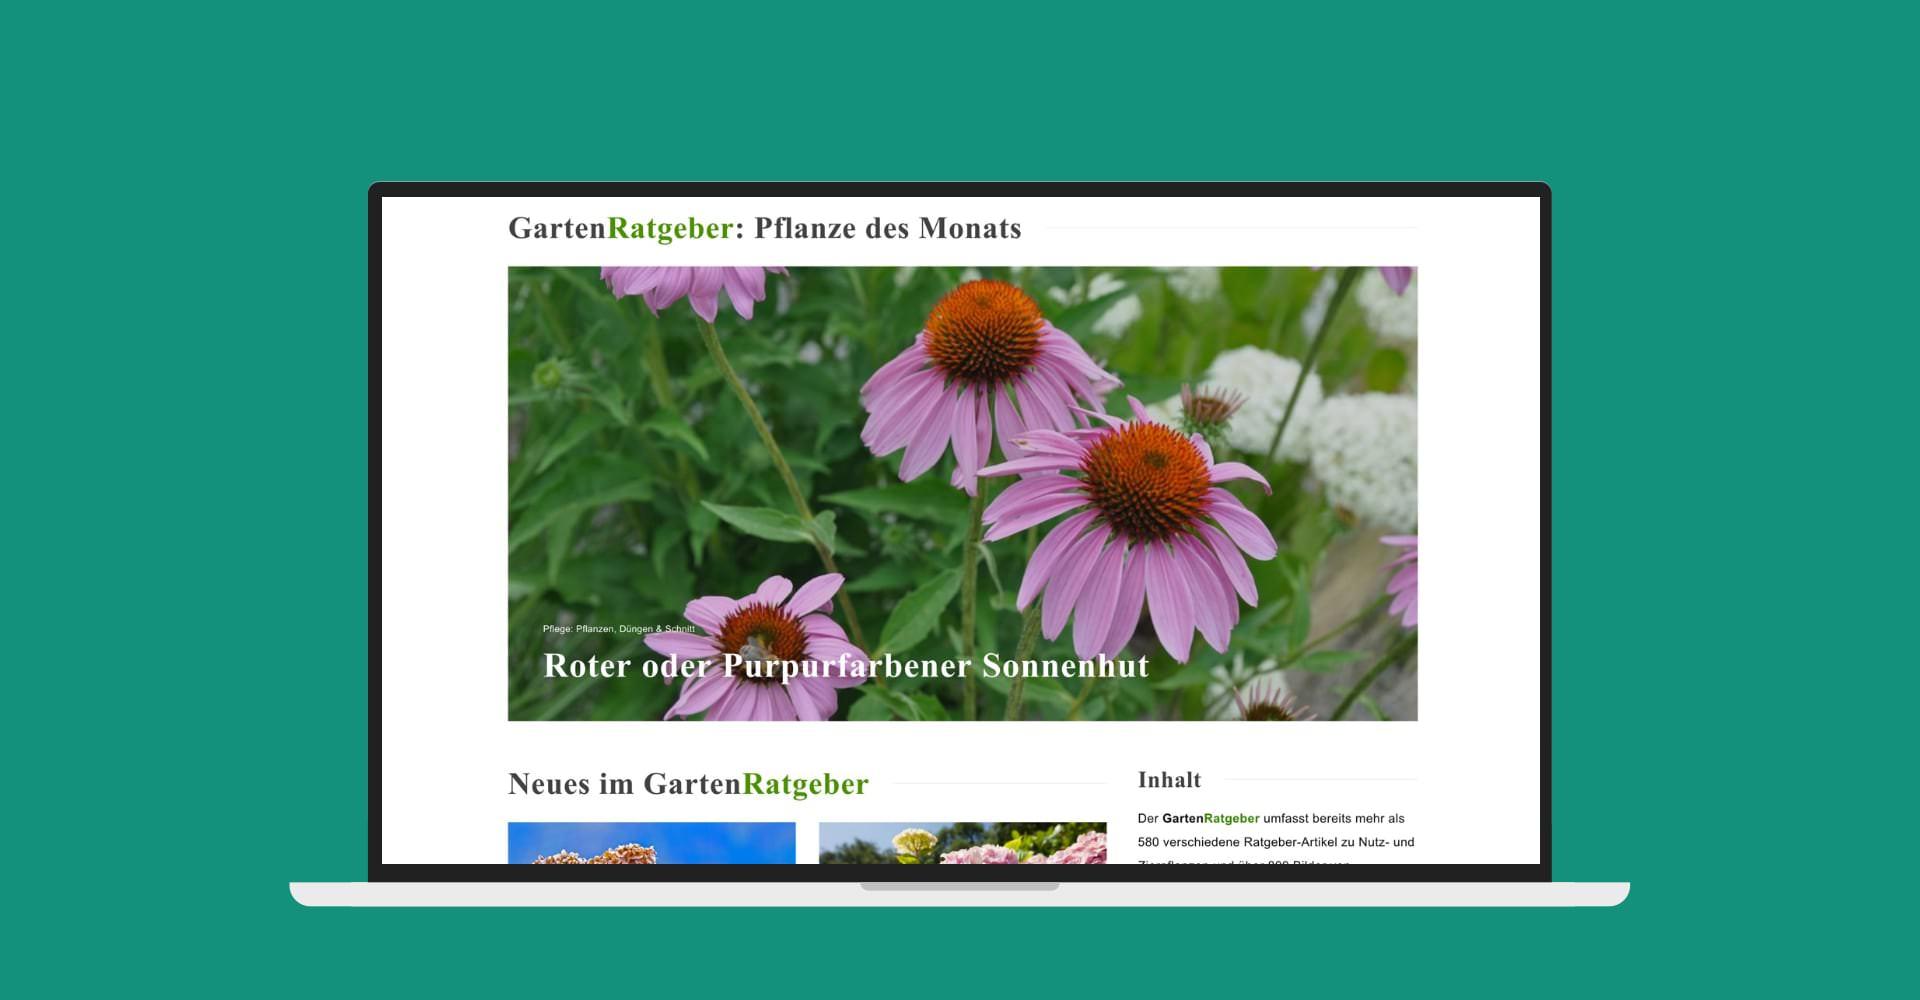 Gartenratgeber.net